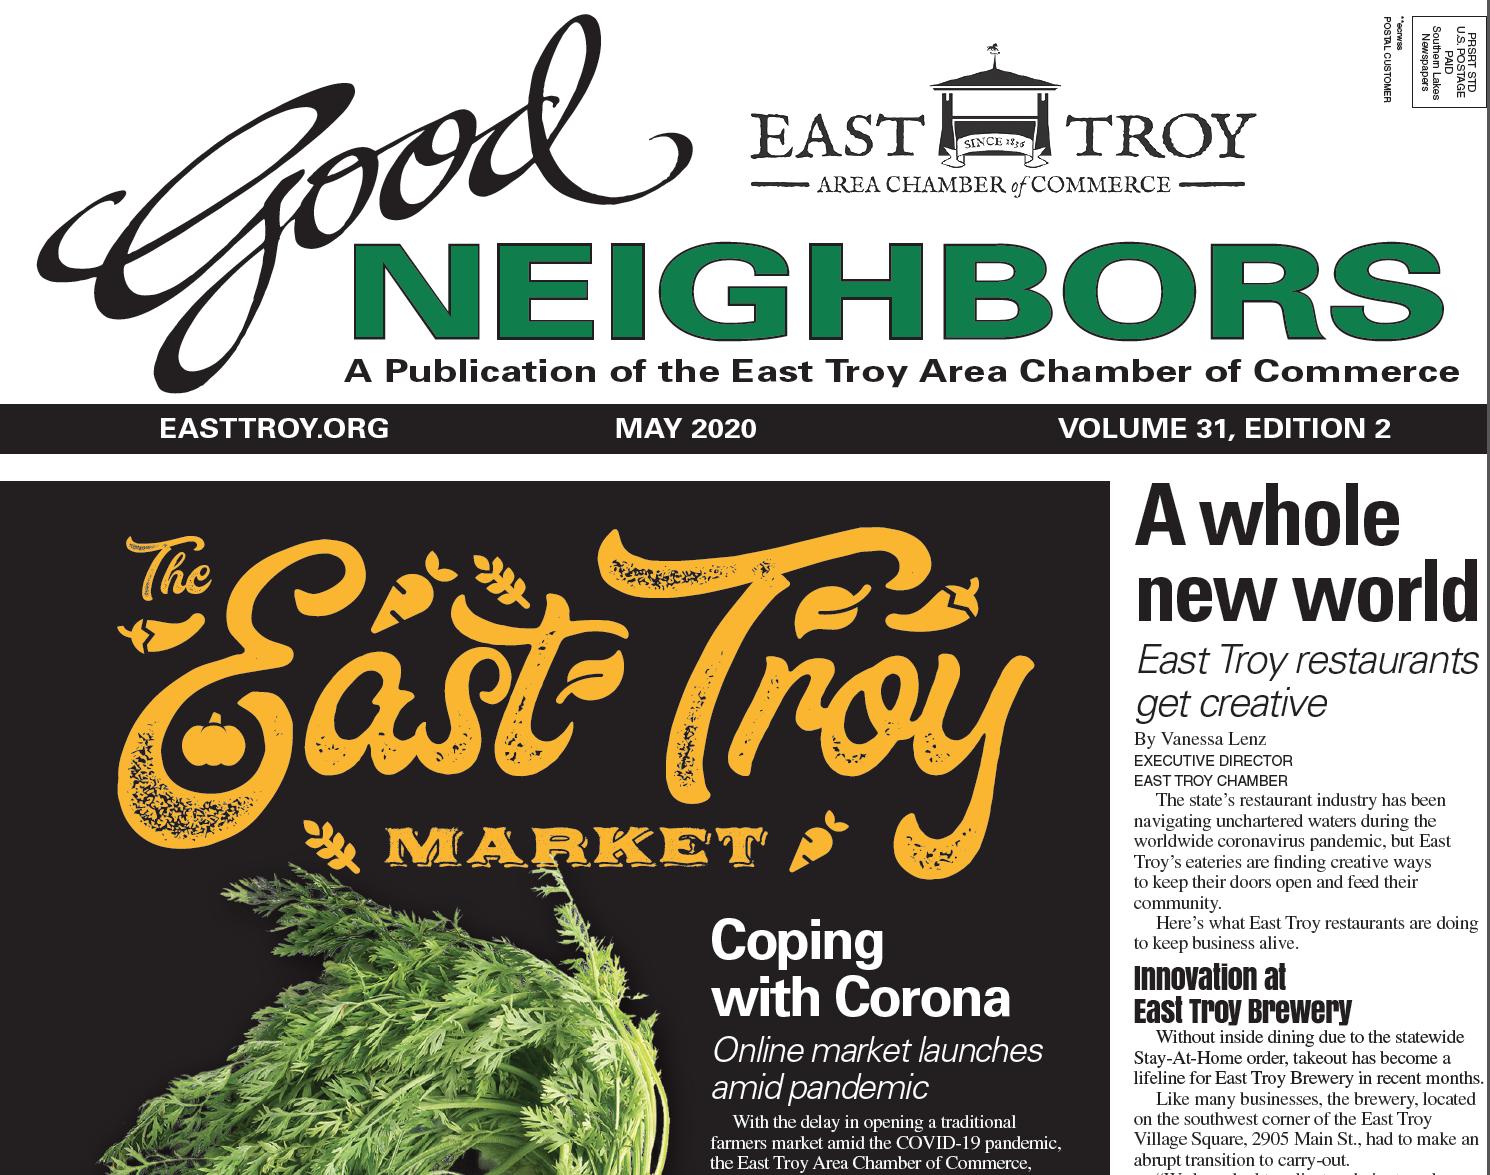 East Troy Good Neighbors May 2020